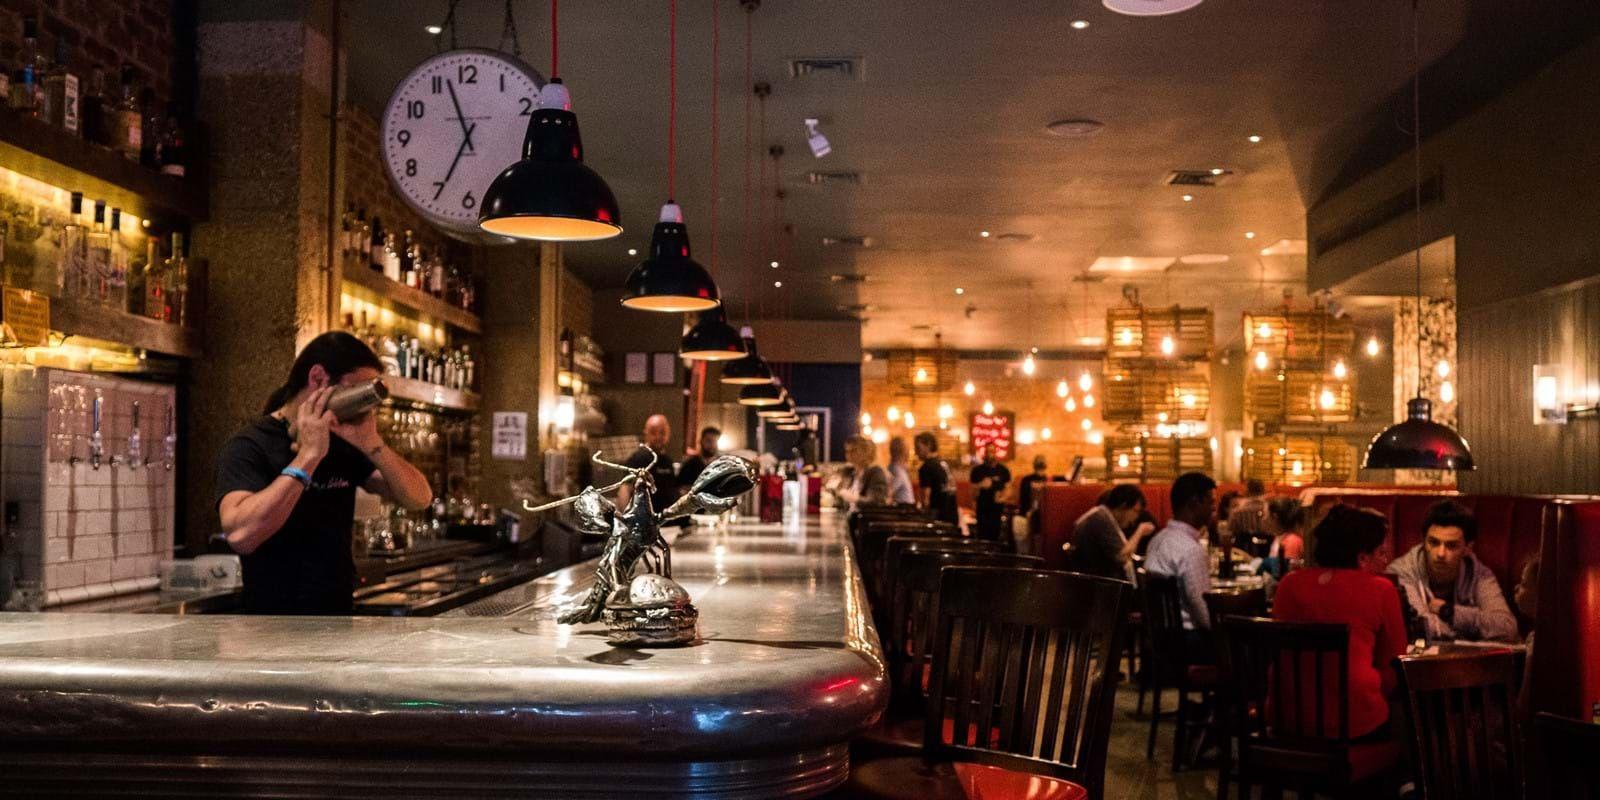 Soho London Burger and lobster london, Soho london, Soho